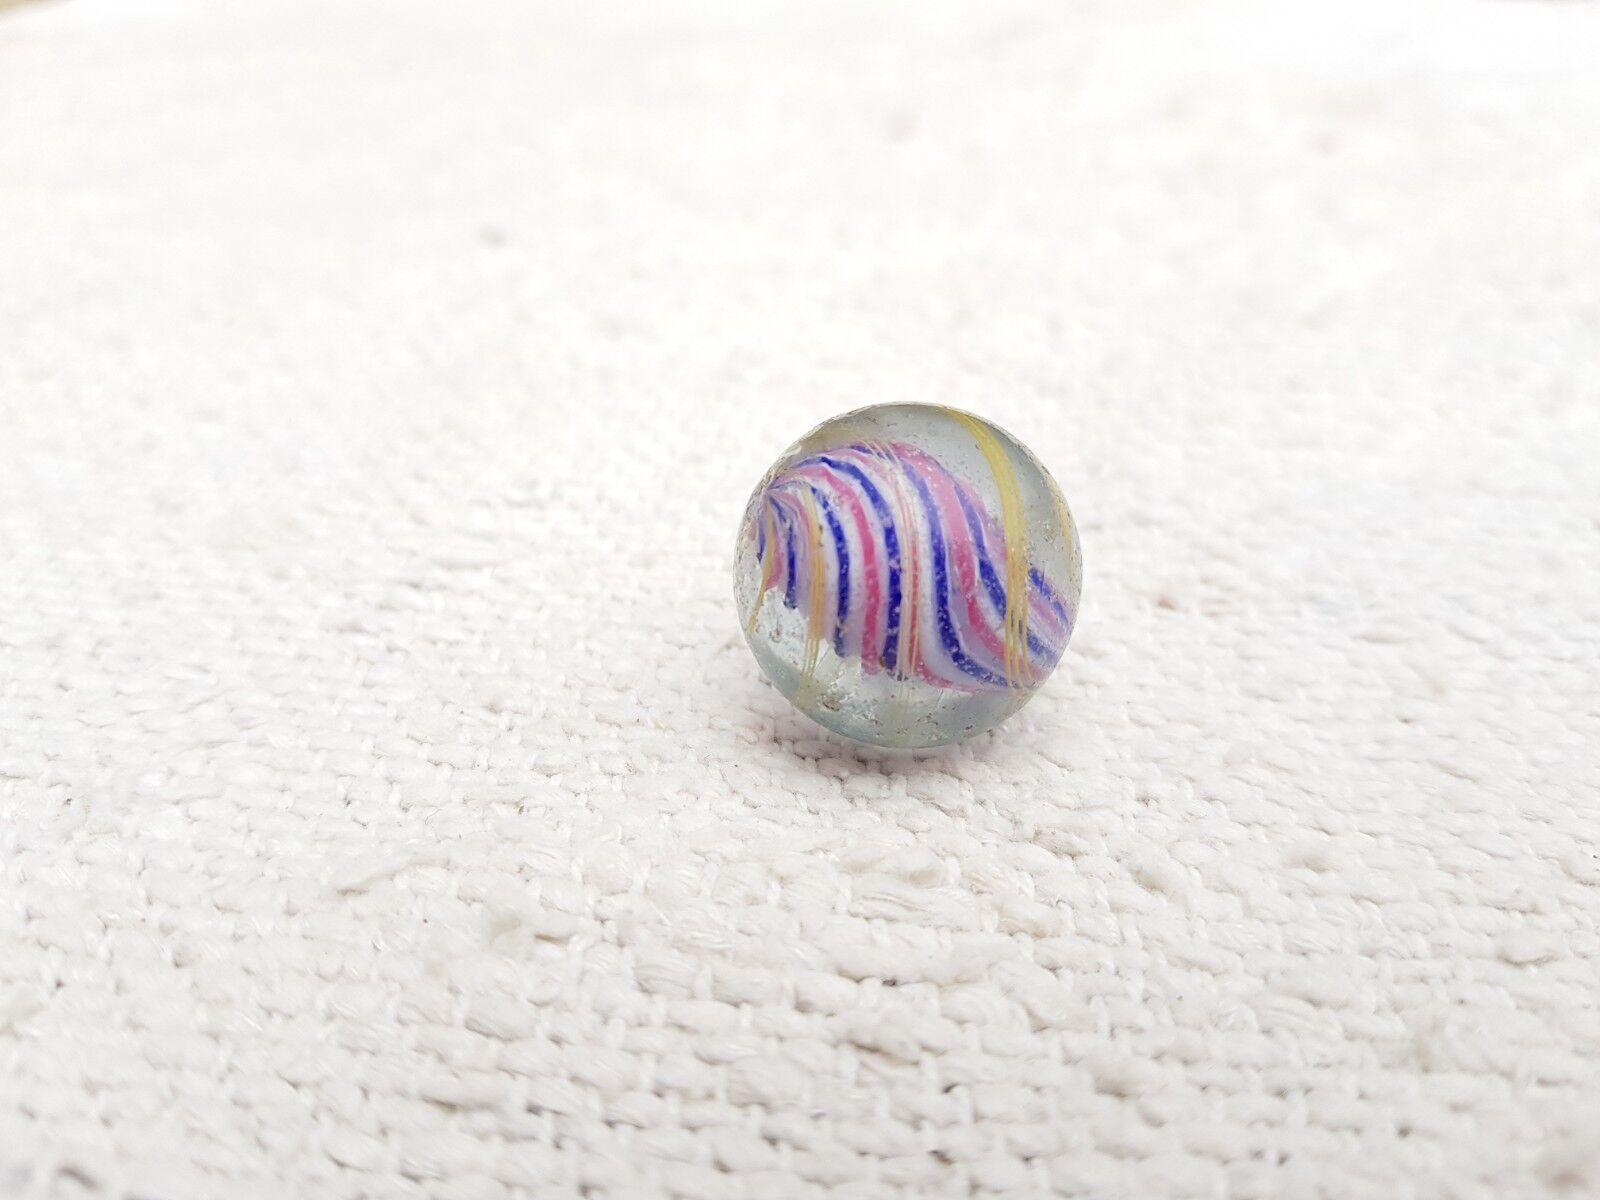 Zwanziger vintage - original handgefertigte sich kern schwenken 0,8  glas marmor - deutschland